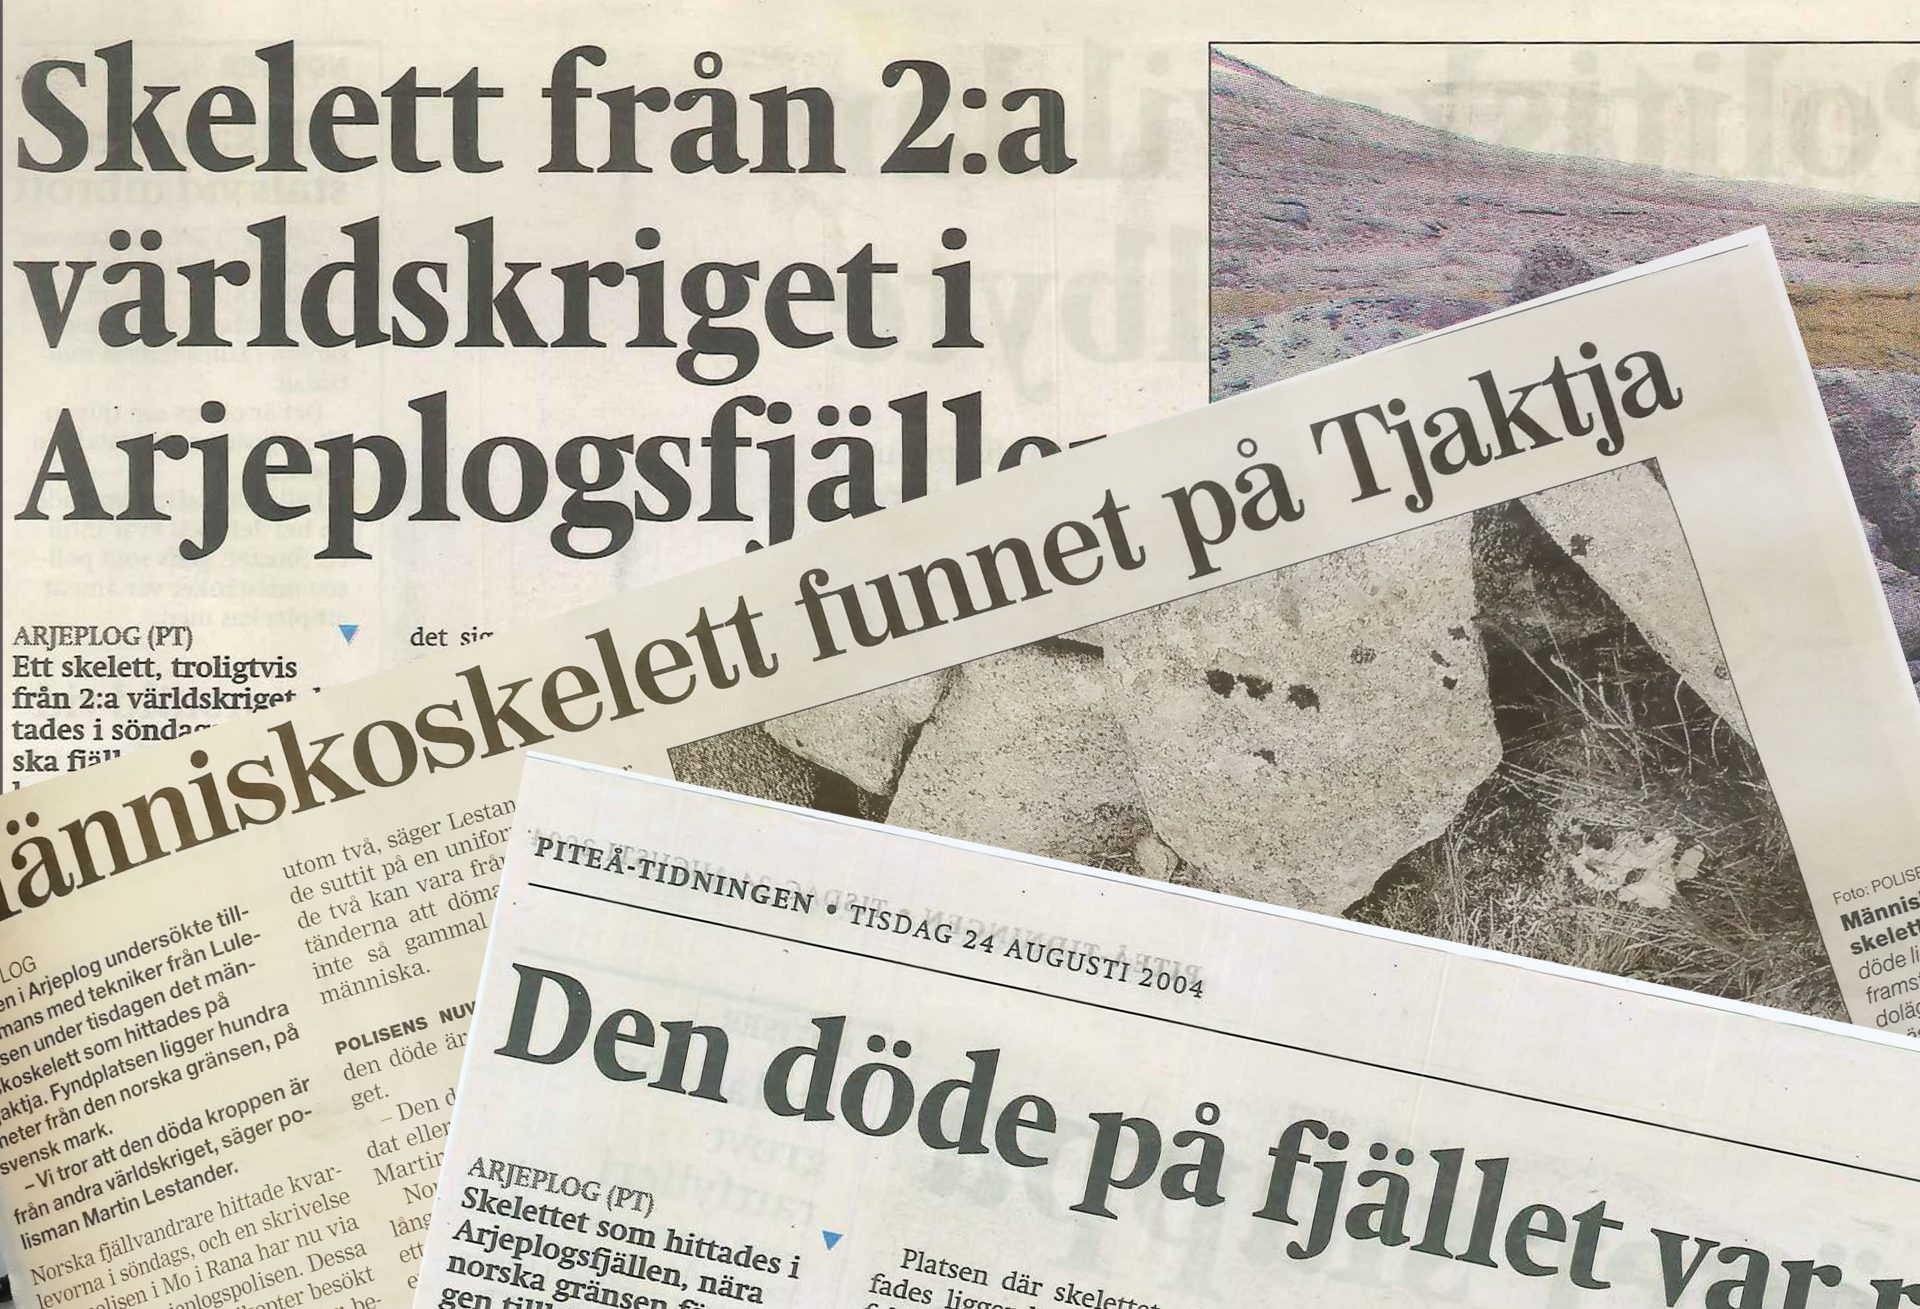 Tidningsurklipp som handlar om skelettfyndet i fjällen.